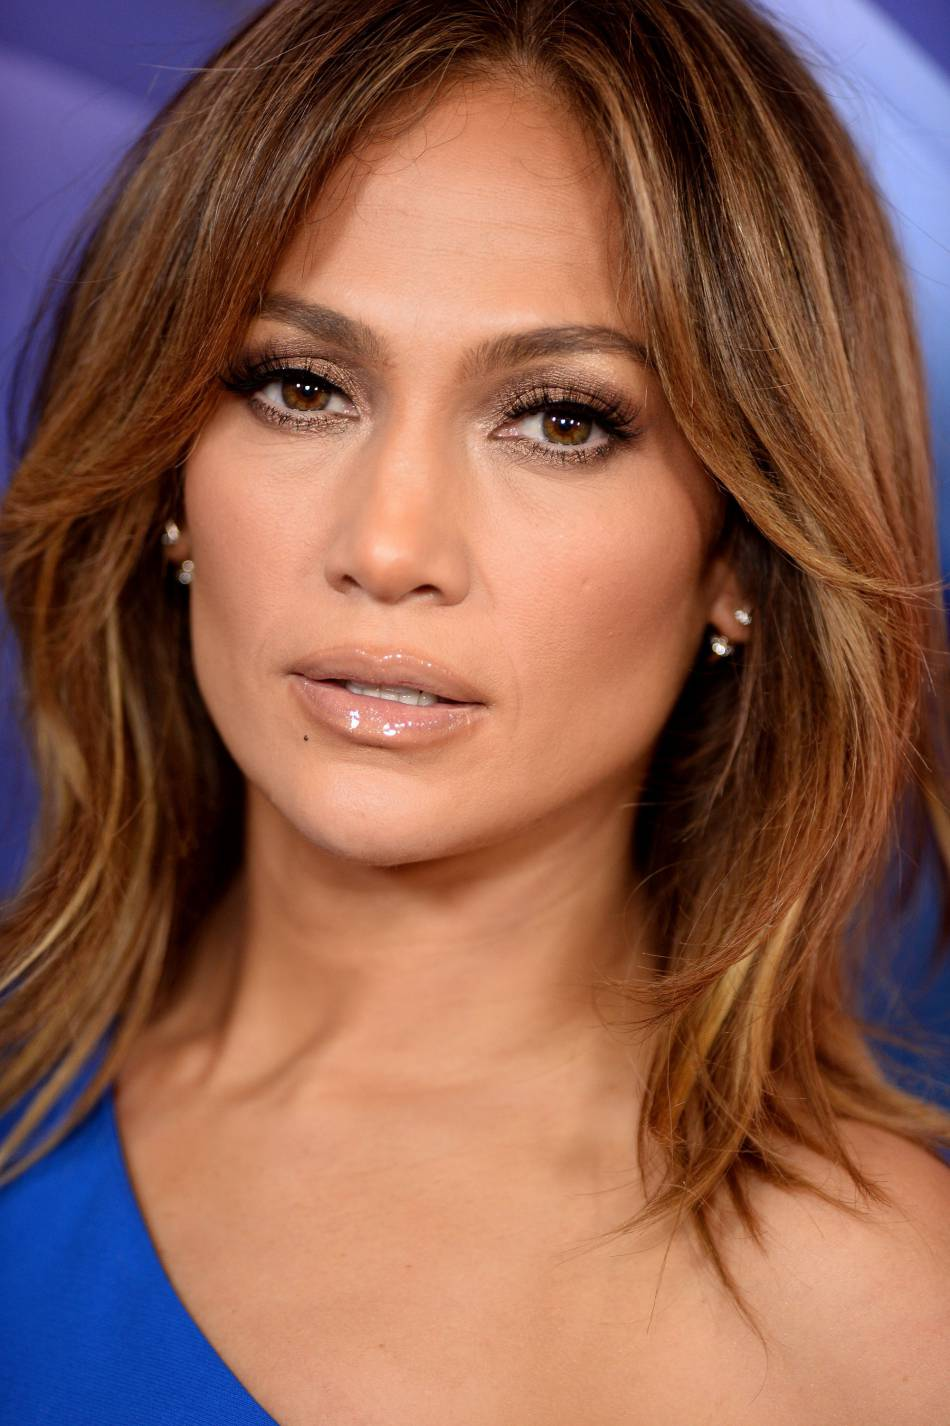 Jennifer Lopez opte pour un maquillage nude pour un effet pulpeux assuré.